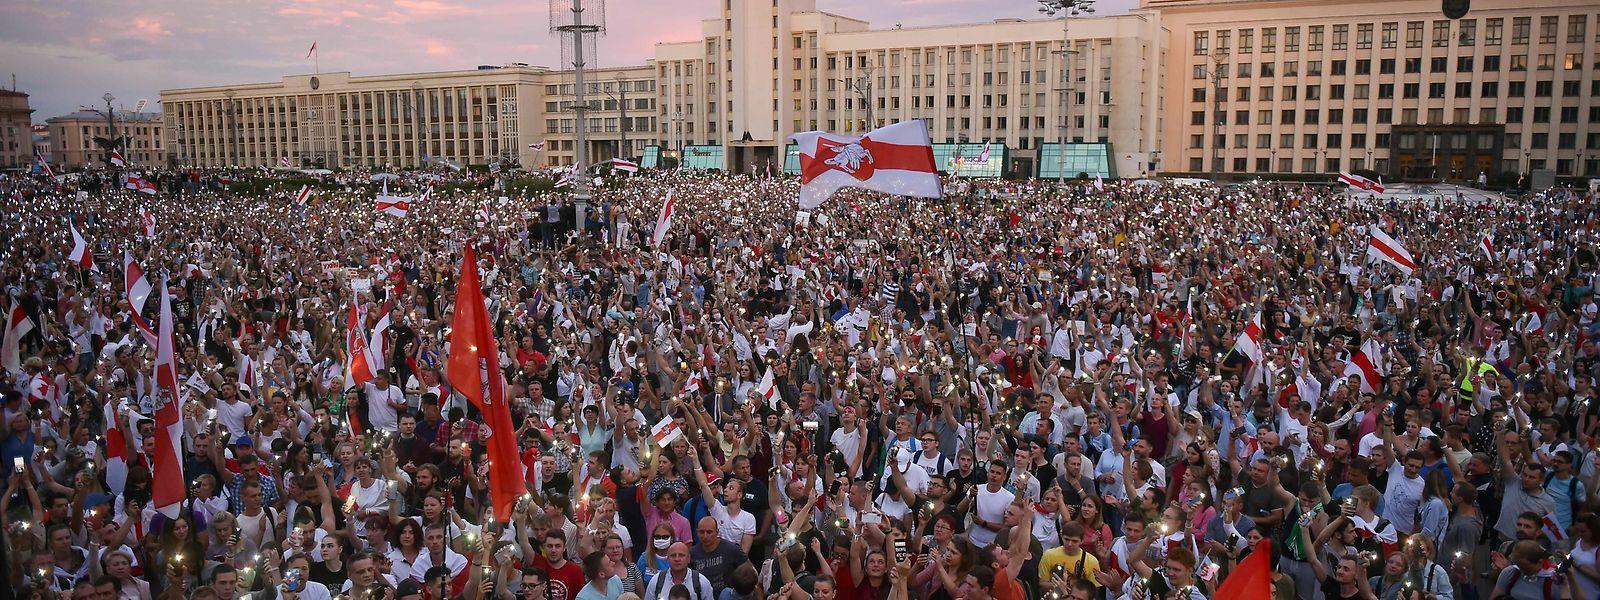 Depuis 11 jours, les manifestations anti-Loukachenko ne cessent de se multiplier à Minsk, la capitale de la Biélorussie